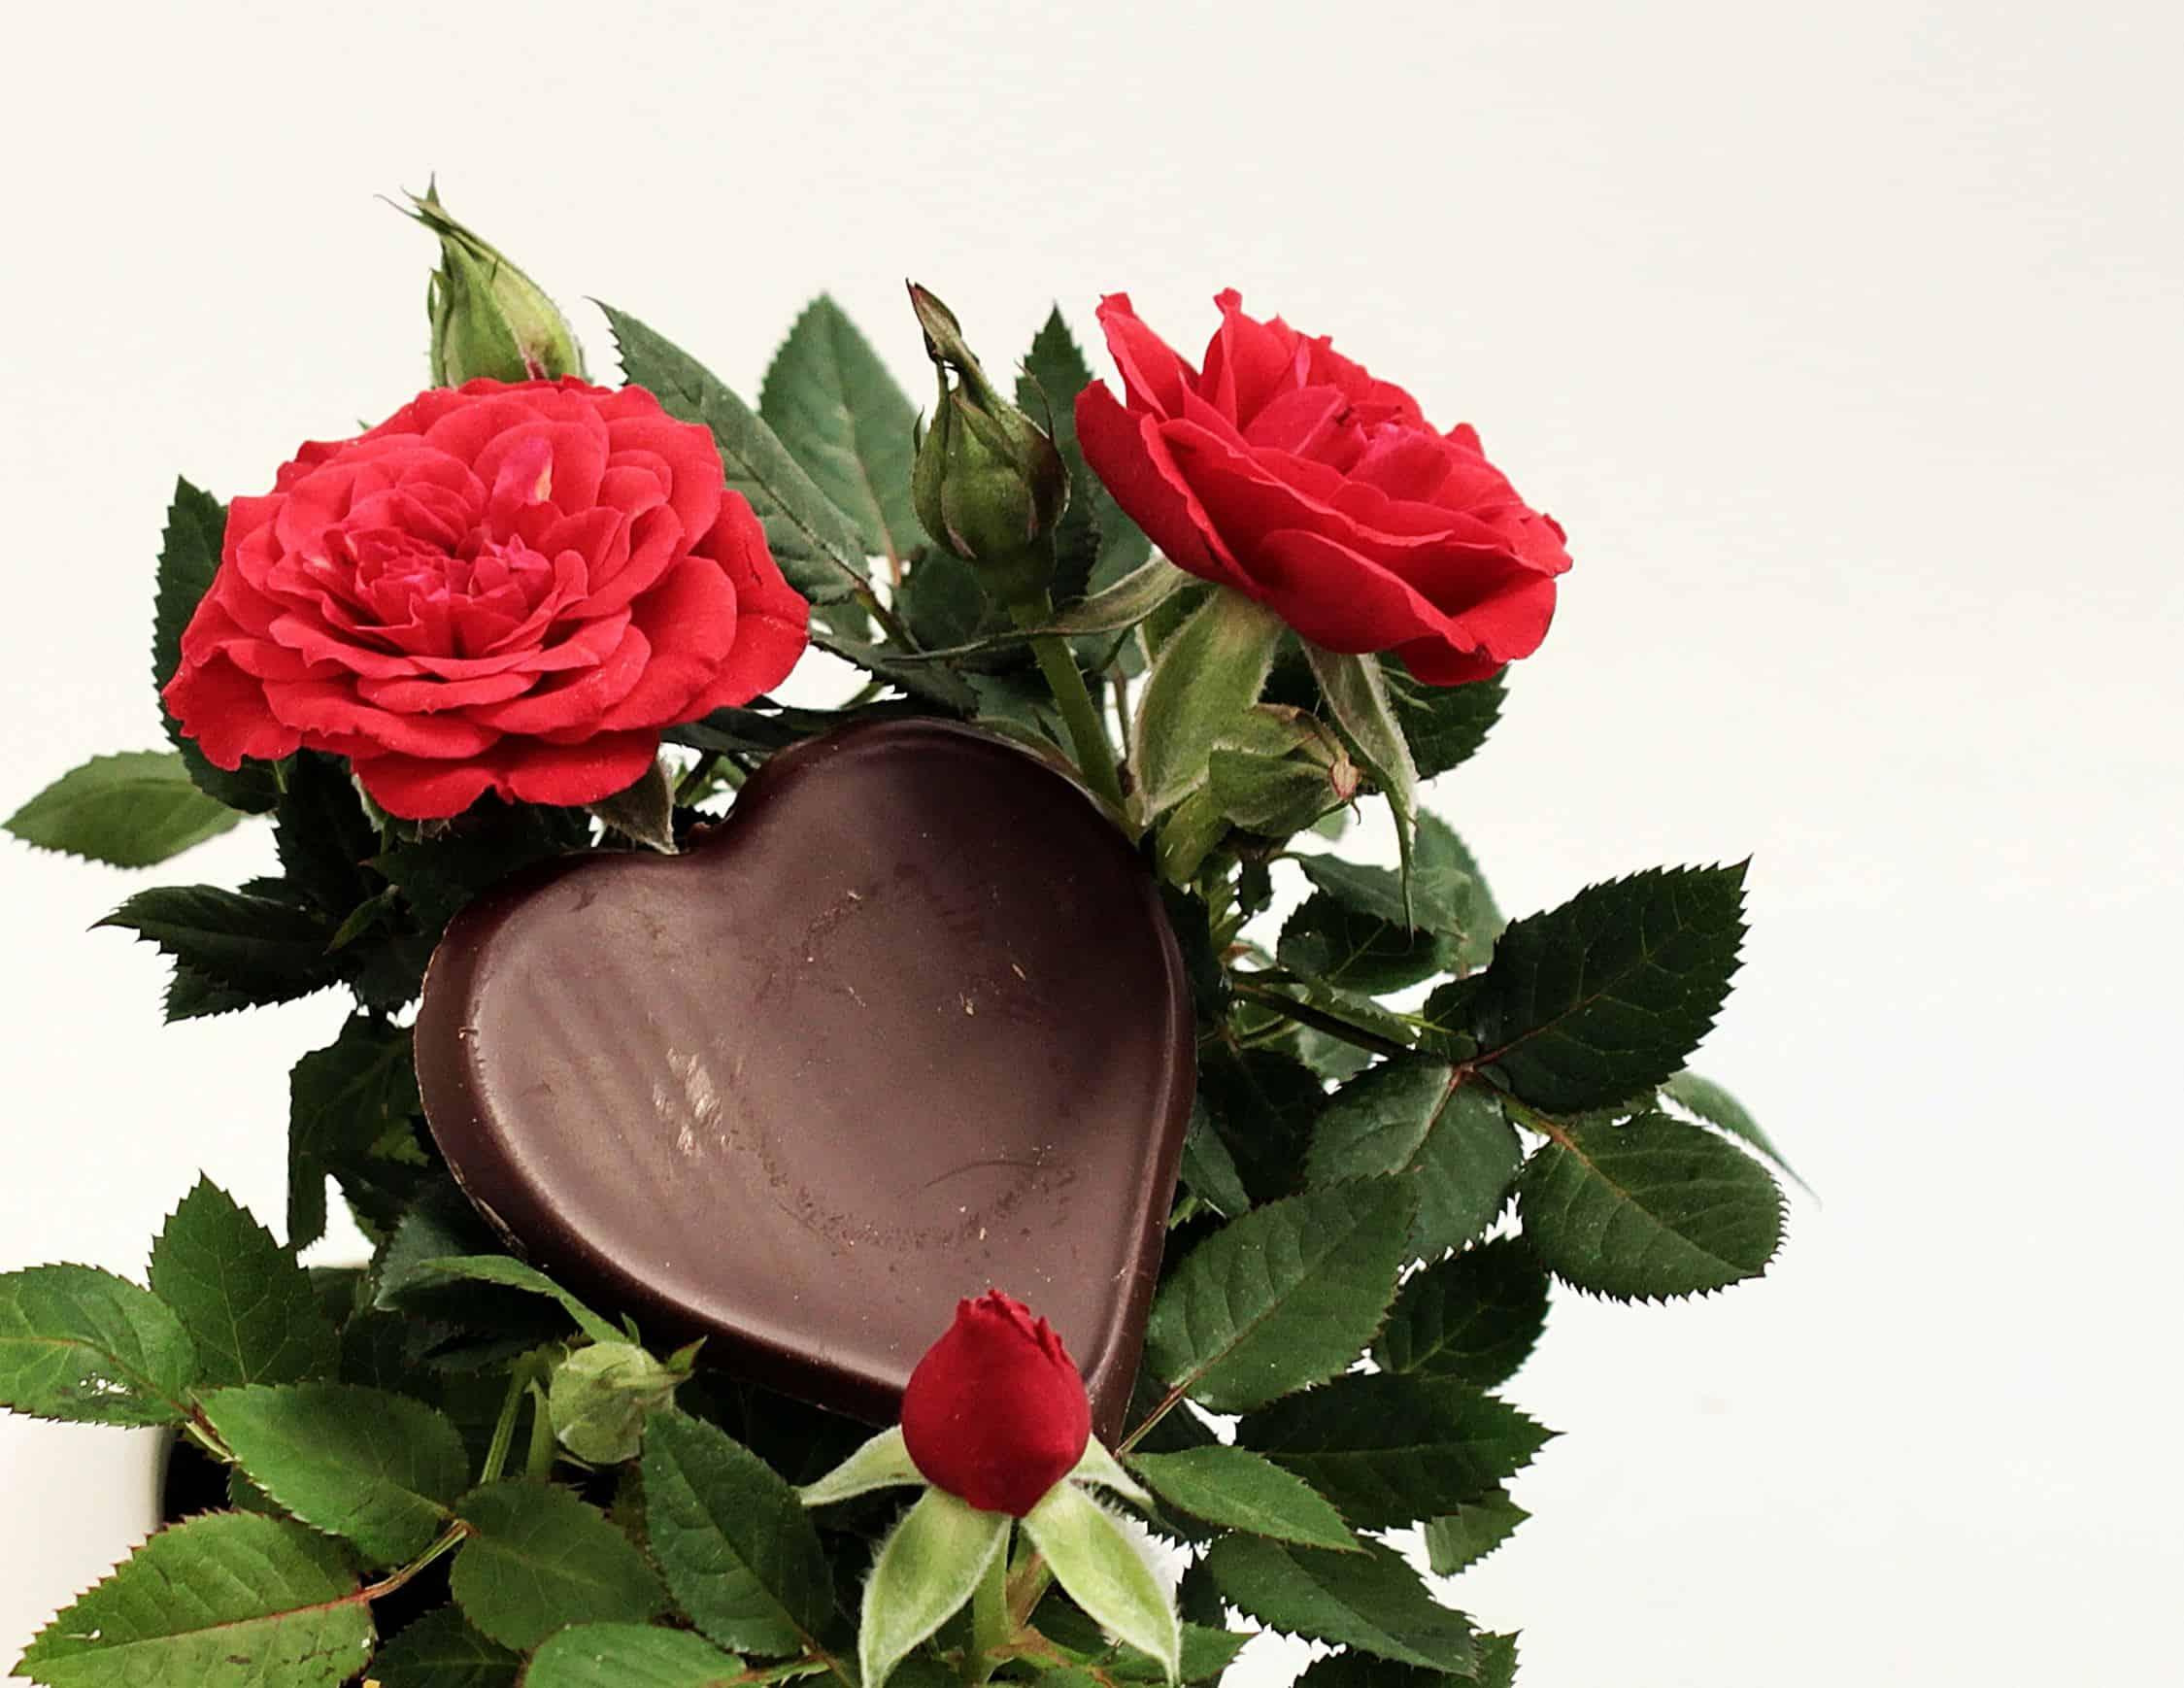 Image Libre Fleur Petale Rose Coeur Amour Cadeau Nature